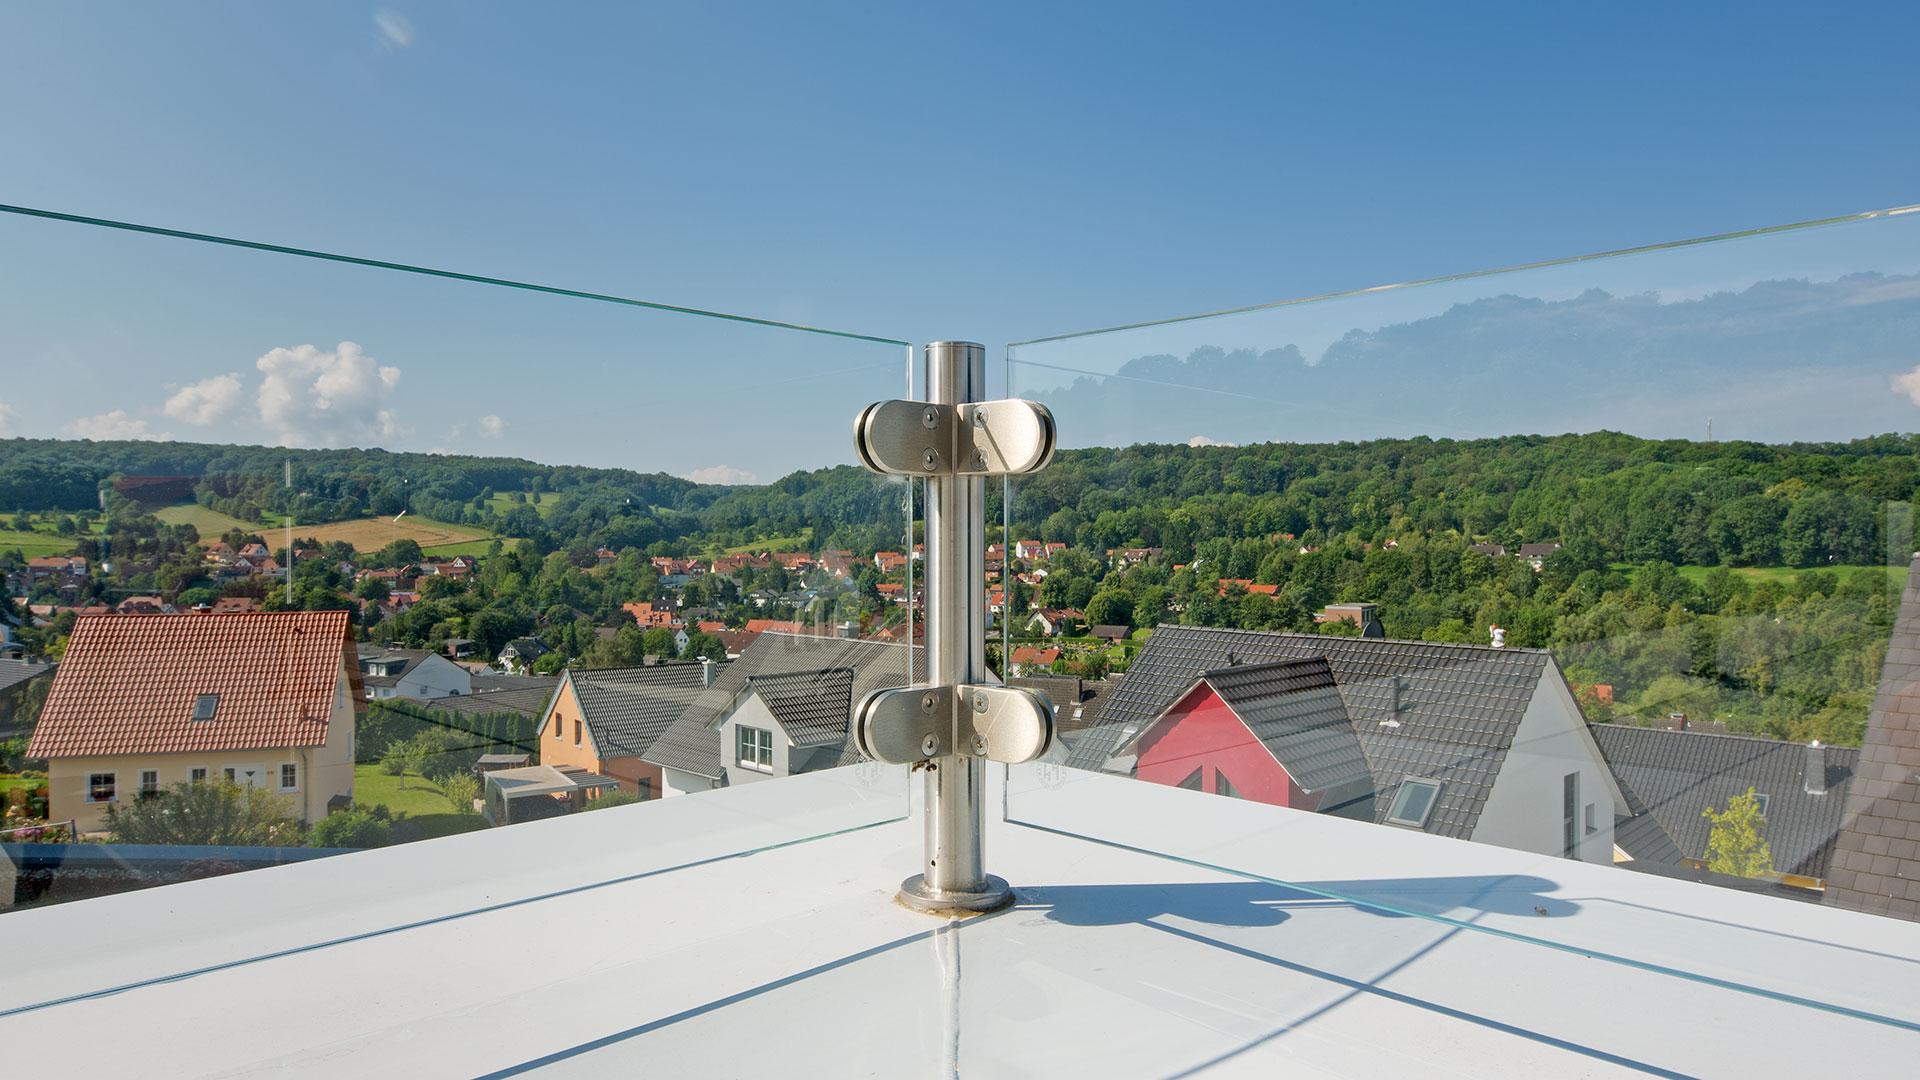 Architekturfotografie: Blick von der Terrasse | Foto: Dieter Eikenberg, imprints